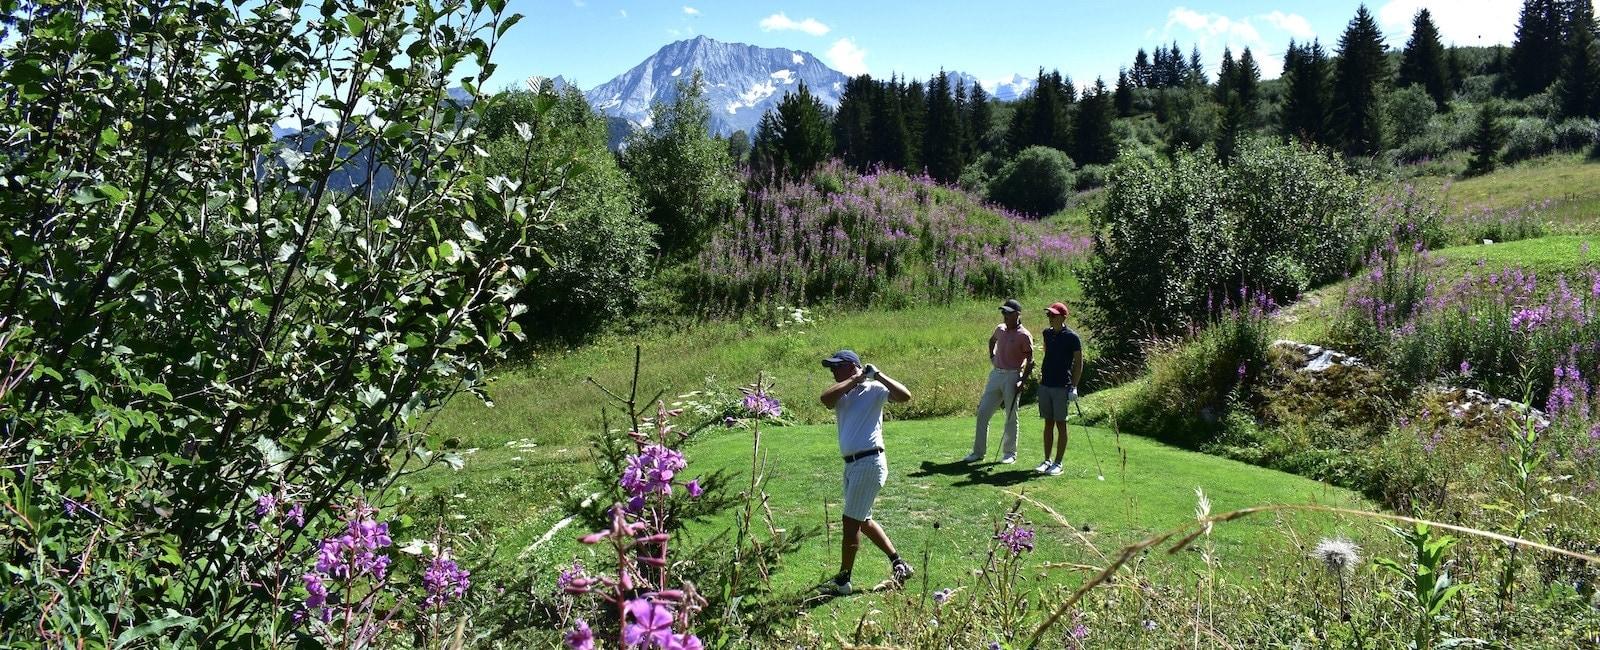 Golf Club de Courchevel | Joueurs sur le départ du 6